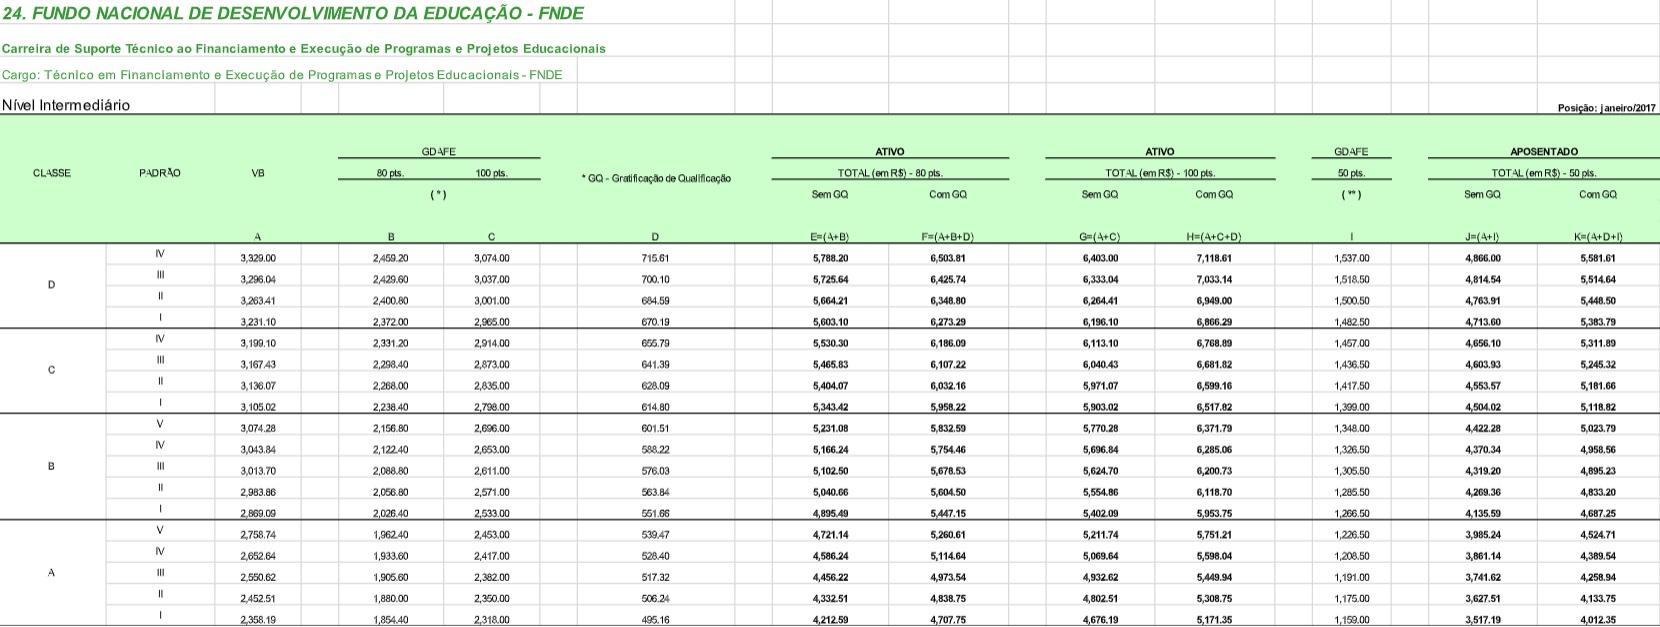 Concurso FNDE: remuneração de nível intermediário